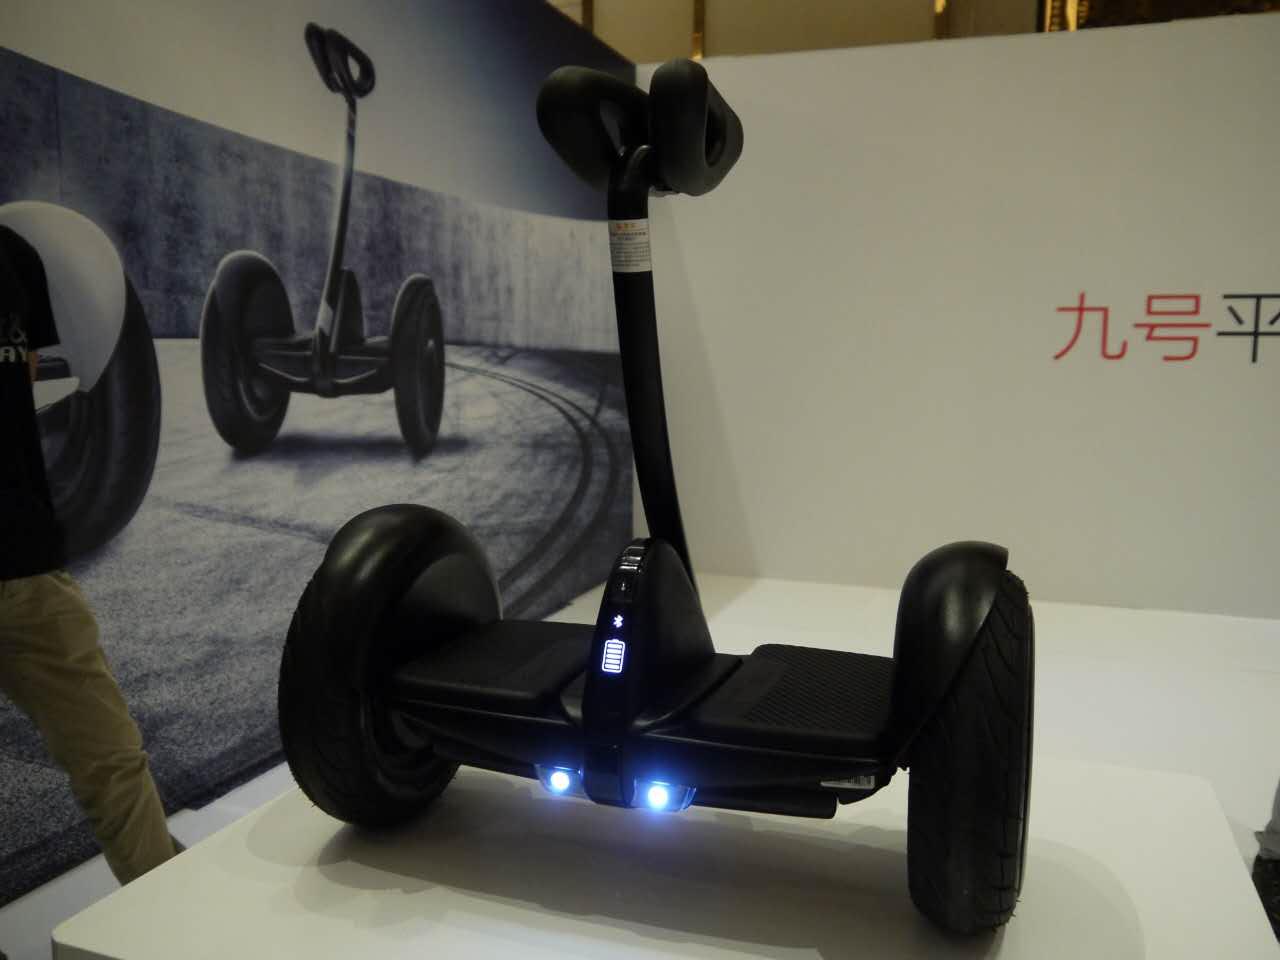 这款九号平衡车来自小米生态链企业——ninebot,这款平衡